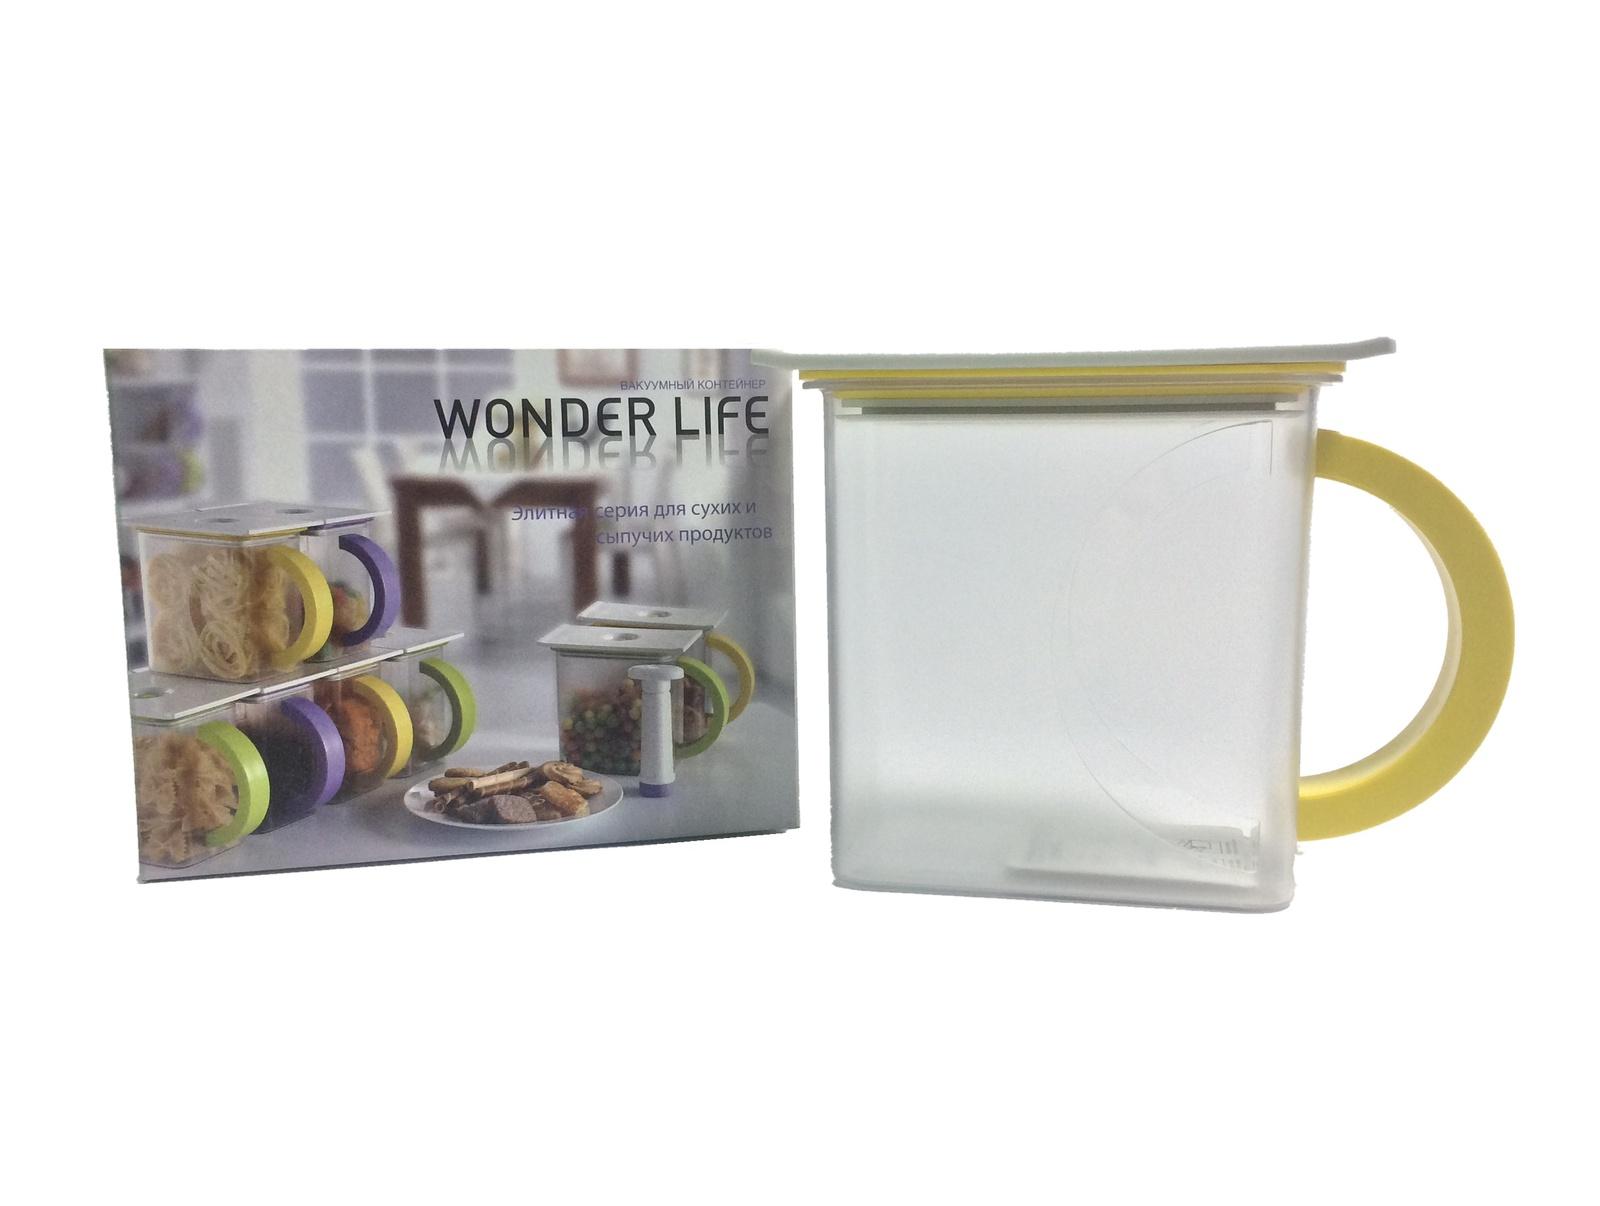 Контейнер вакуумный для пищи Wonder Life Вакуумный контейнер для сыпучих продуктов, WL-1500-C-Yel, желтый контейнер пищевой вакуумный bekker квадратный 330 мл